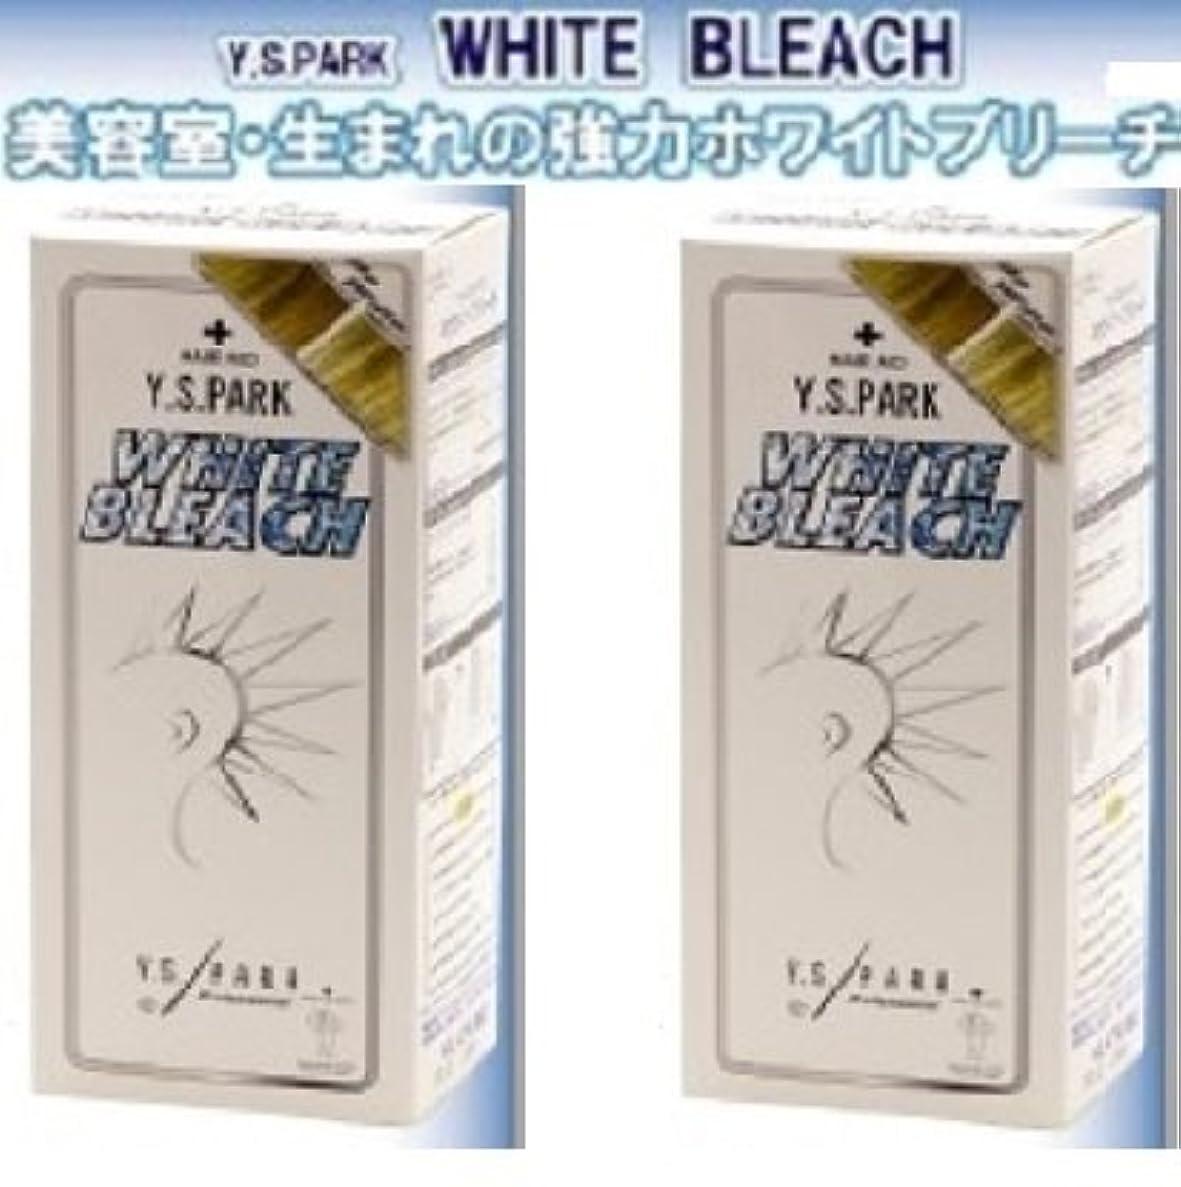 不定ロック解除素子【YSPARK 】ホワイトブリーチ ×2個セット(お得な2個組)美容室生まれの強力ホワイトブリーチ